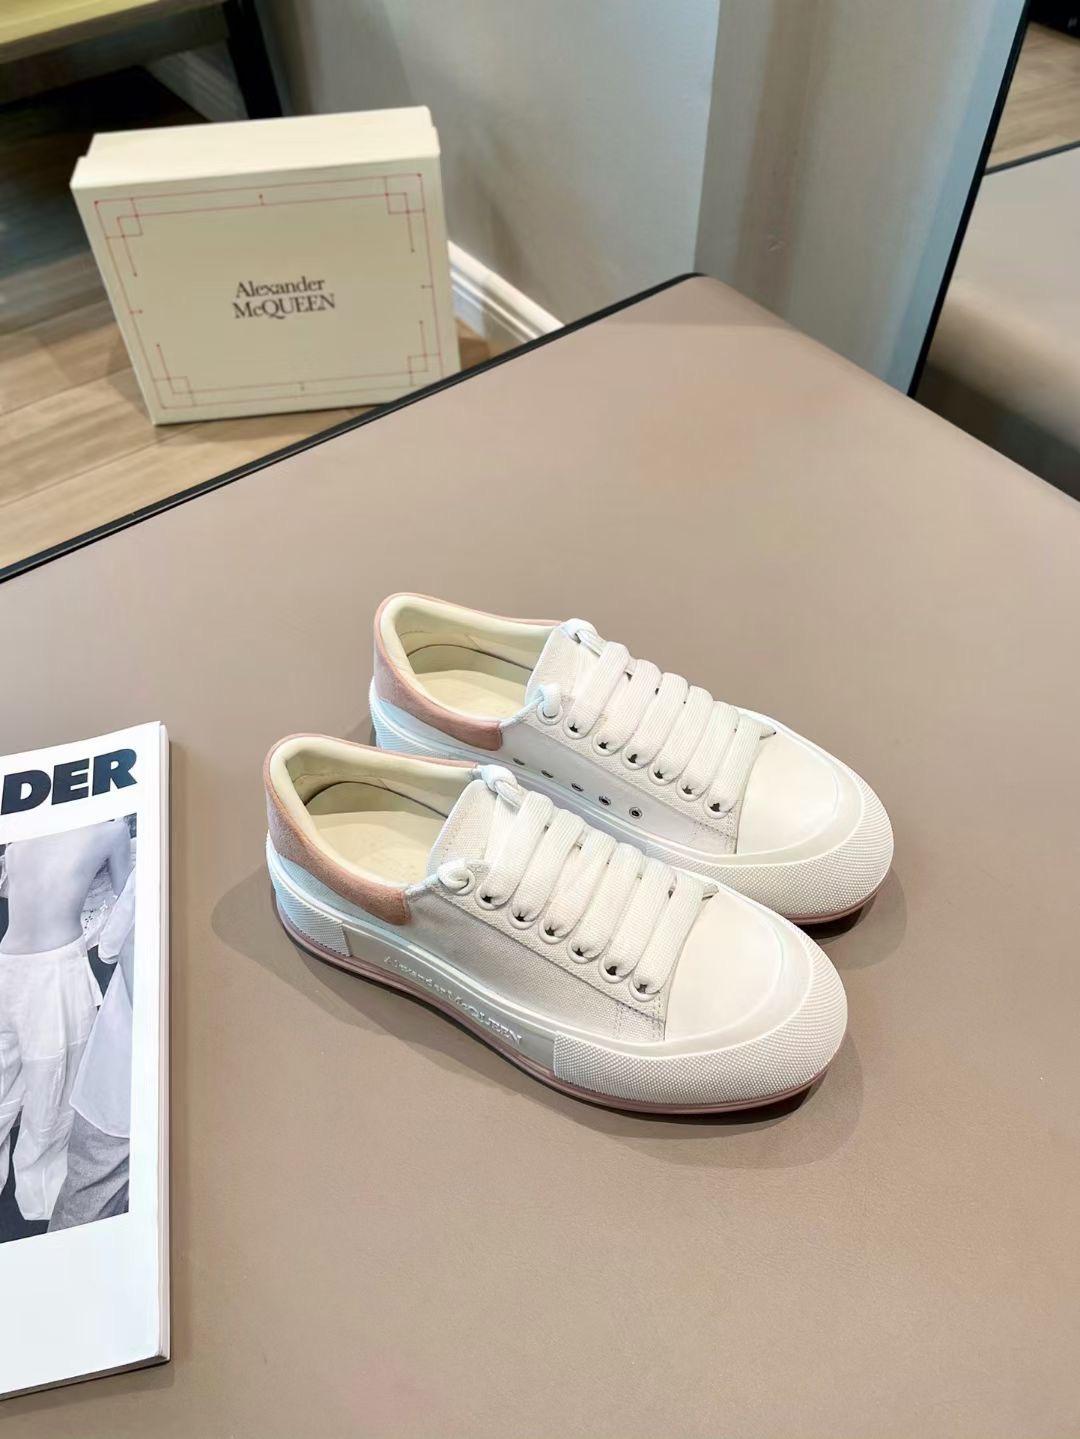 Alexander McQueen Кеды белые, коллекция 2021